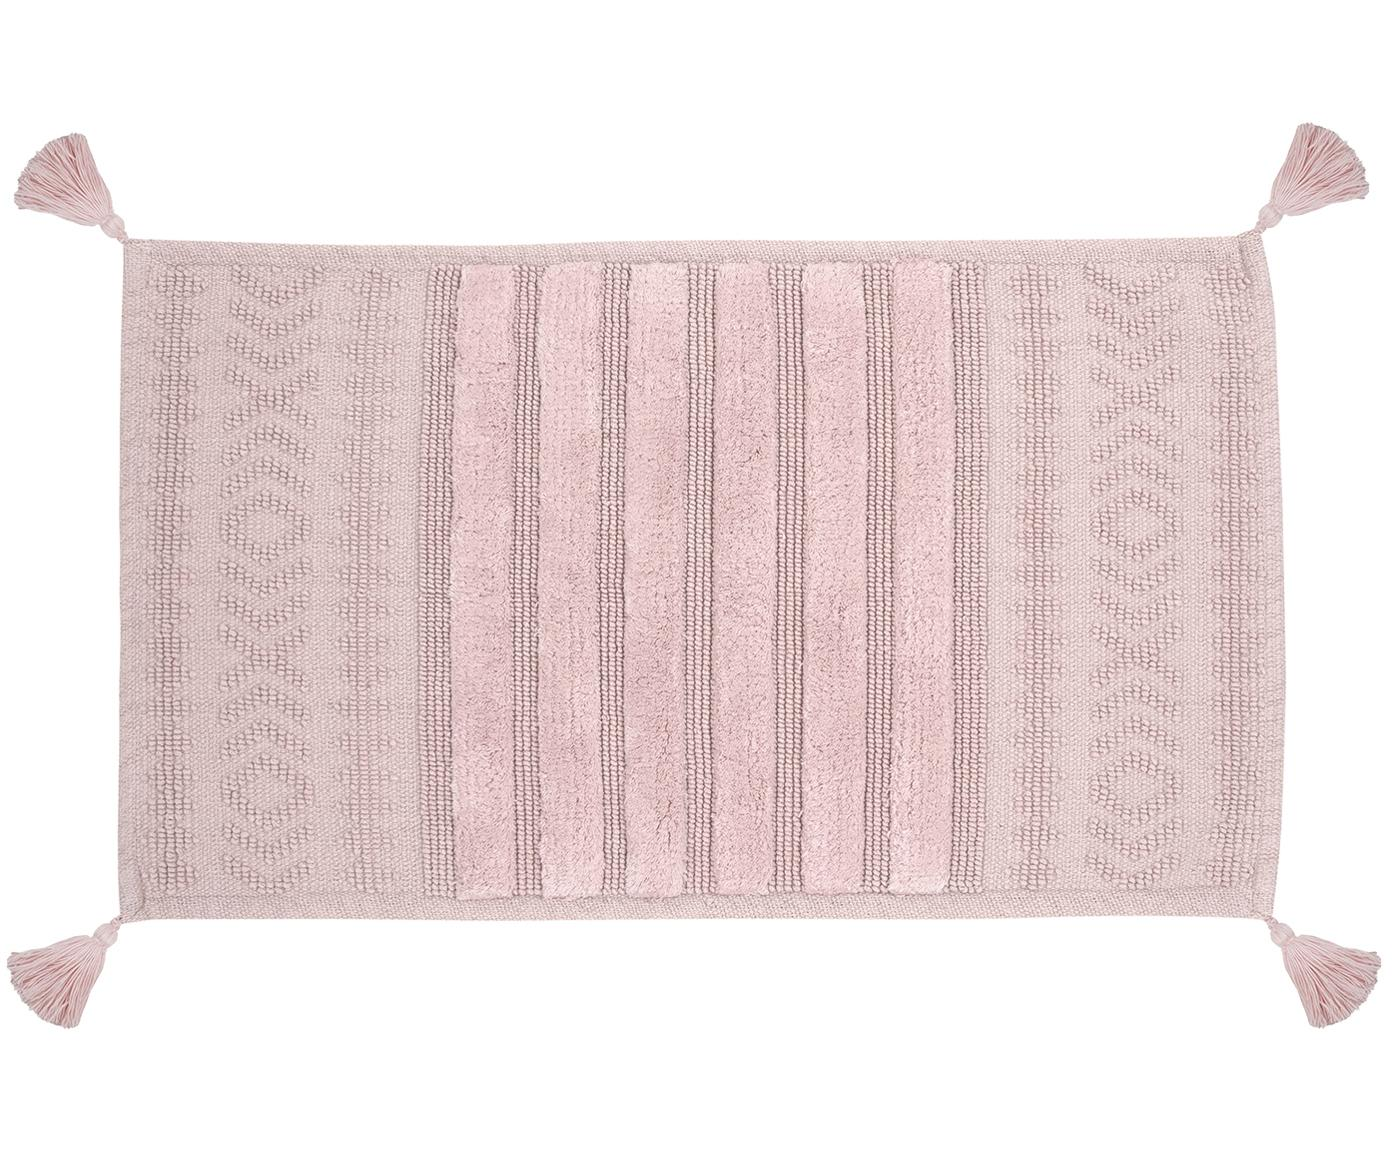 Dywanik łazienkowy z chwostami Bernadotte, Brudny różowy, S 50 x D 80 cm